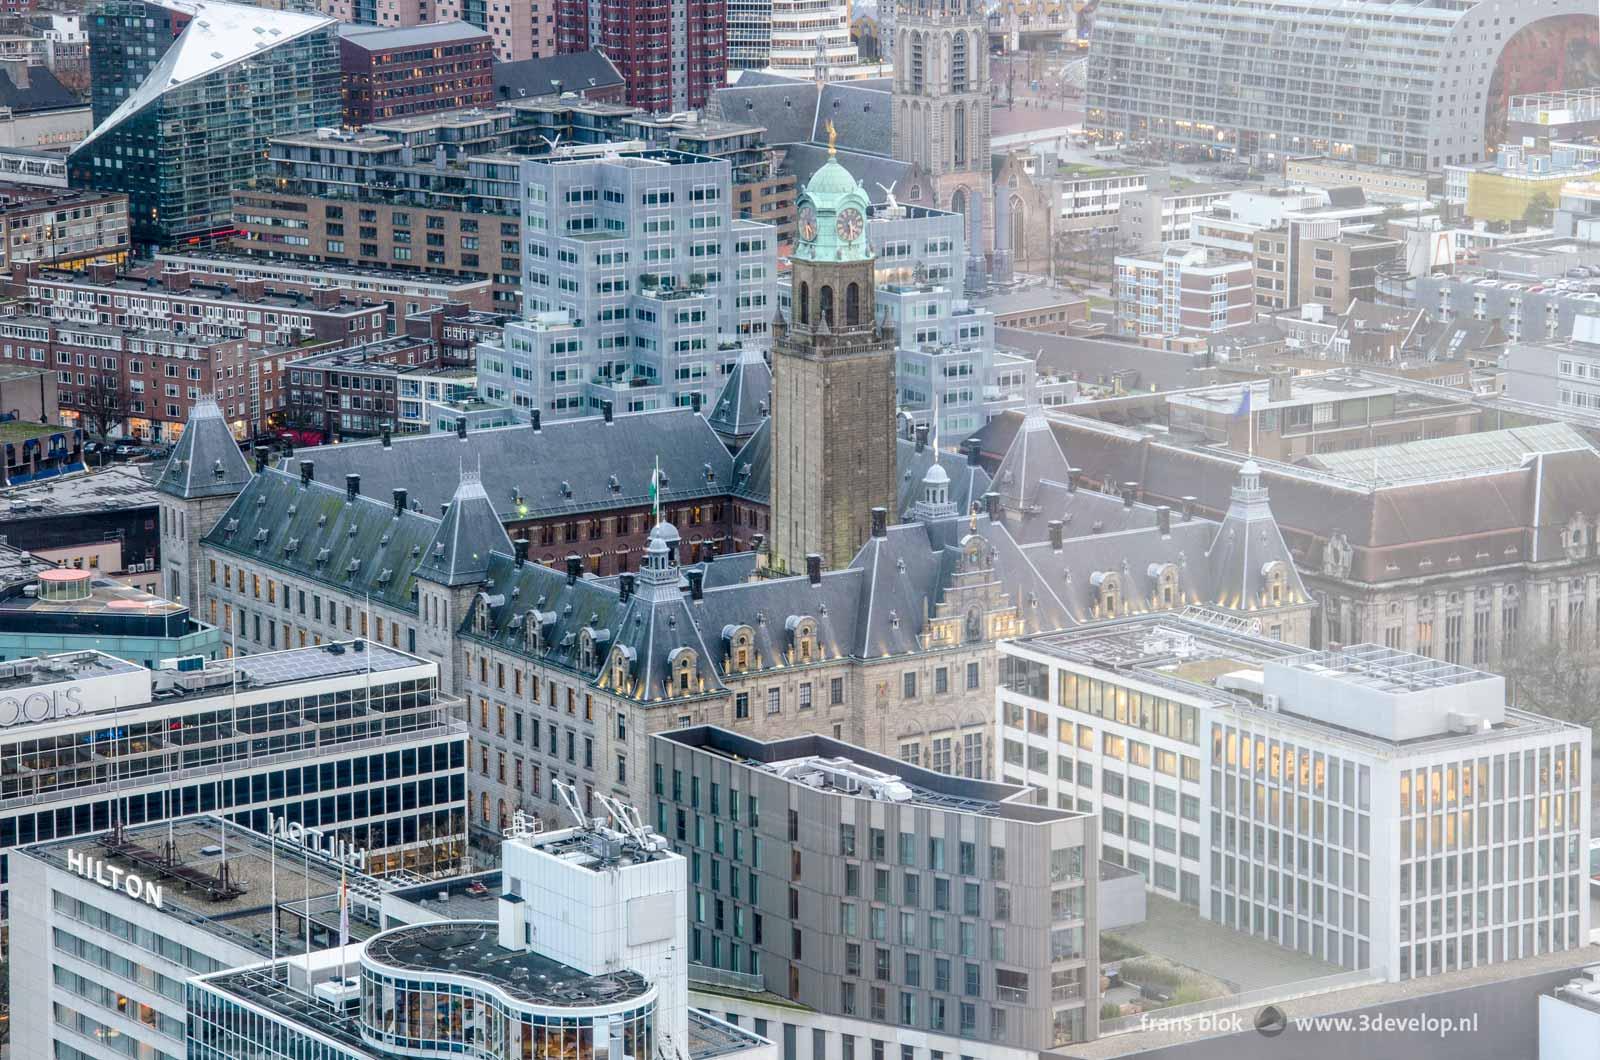 Het stadhuis van Rotterdam gezien vanaf gebouw Delftse Poort met helaas een storende reflectie vanwege het fotograferen door glas.